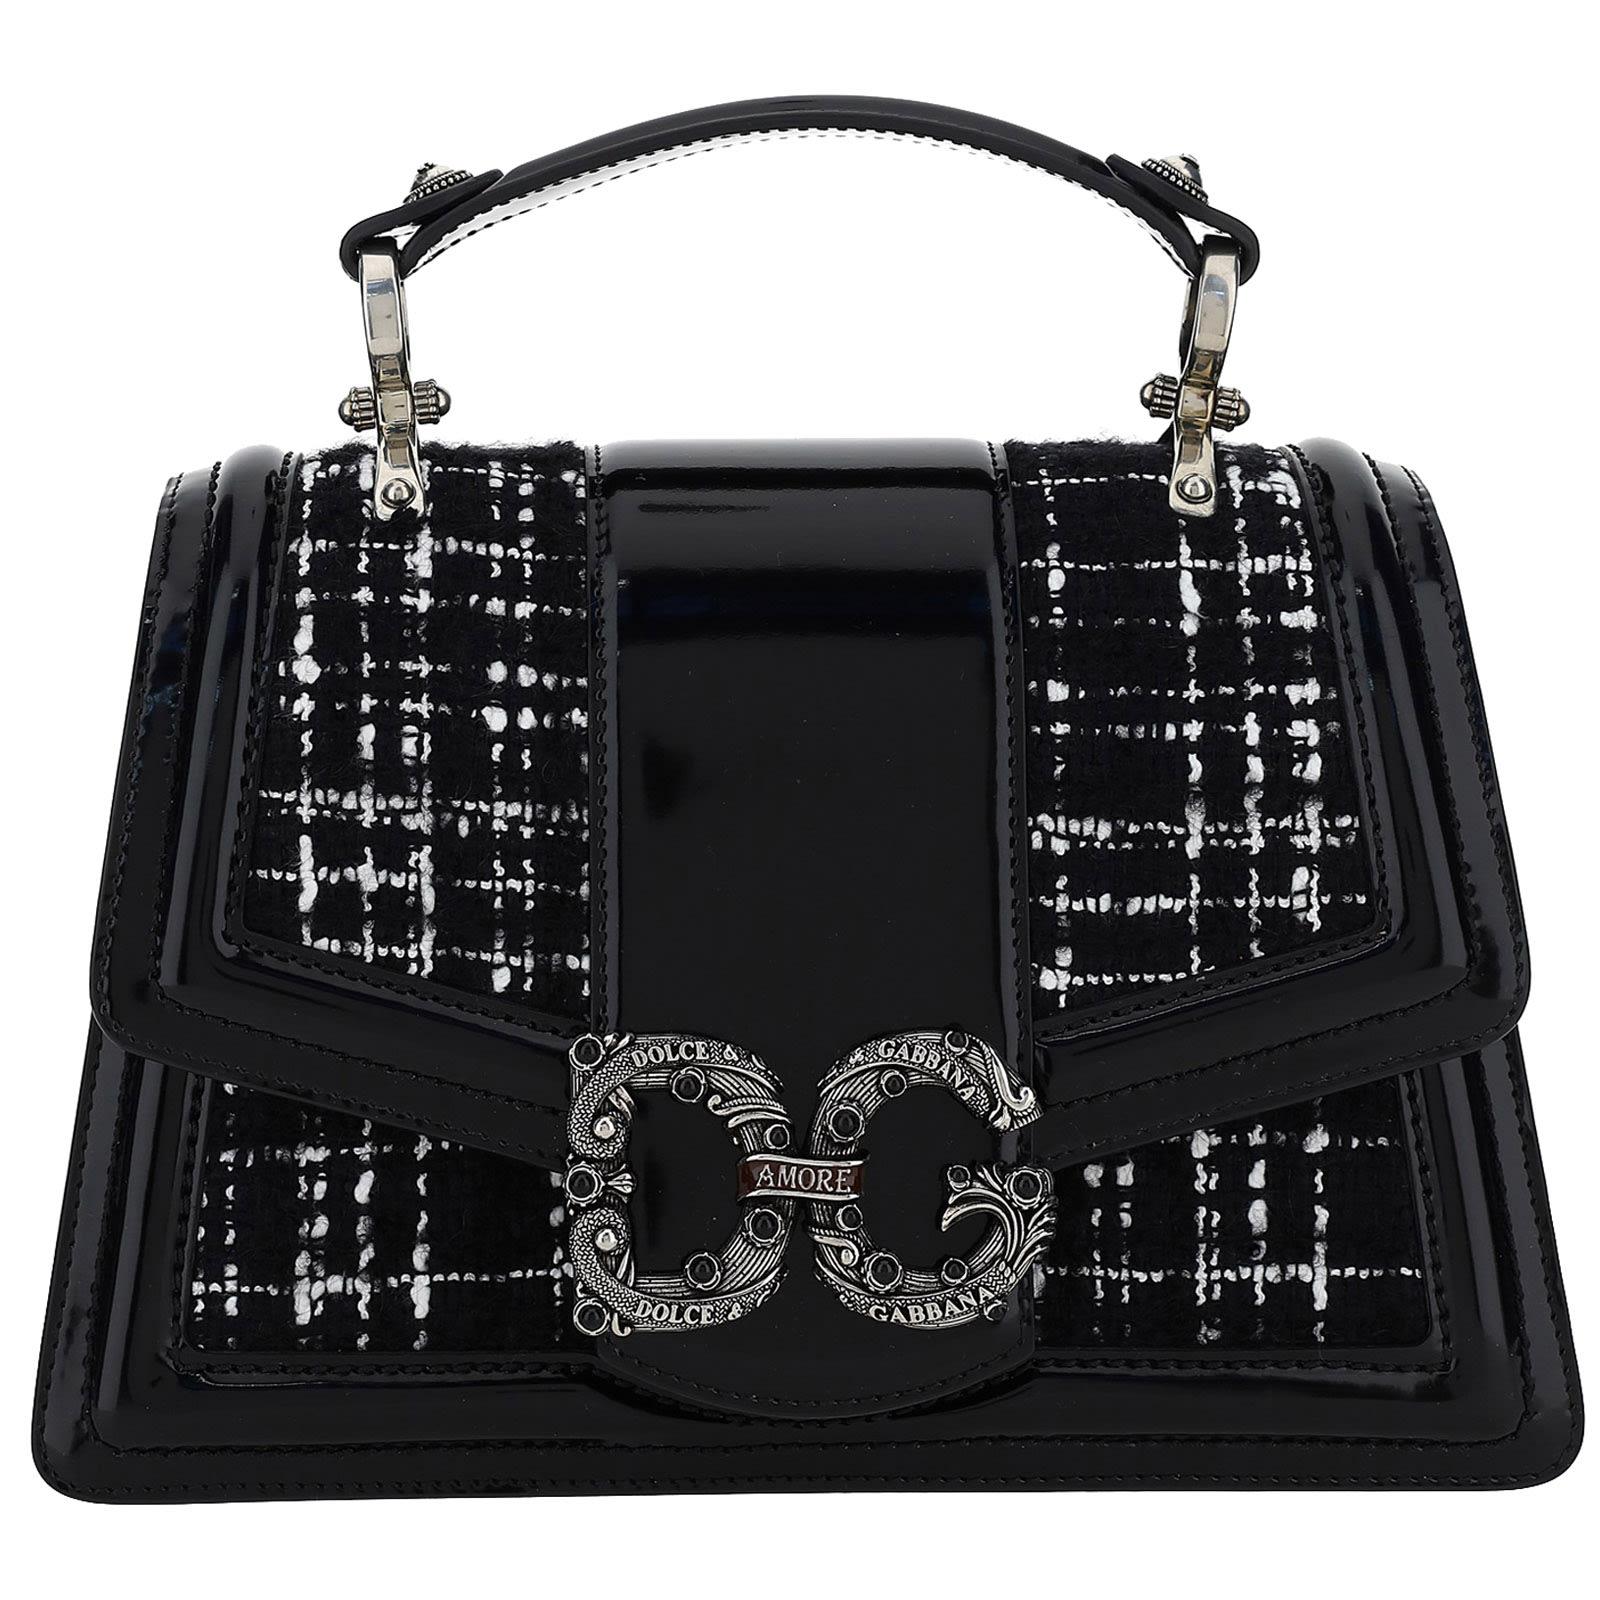 Dolce & Gabbana DOLCE & GABBANA AMORE HANDBAGS